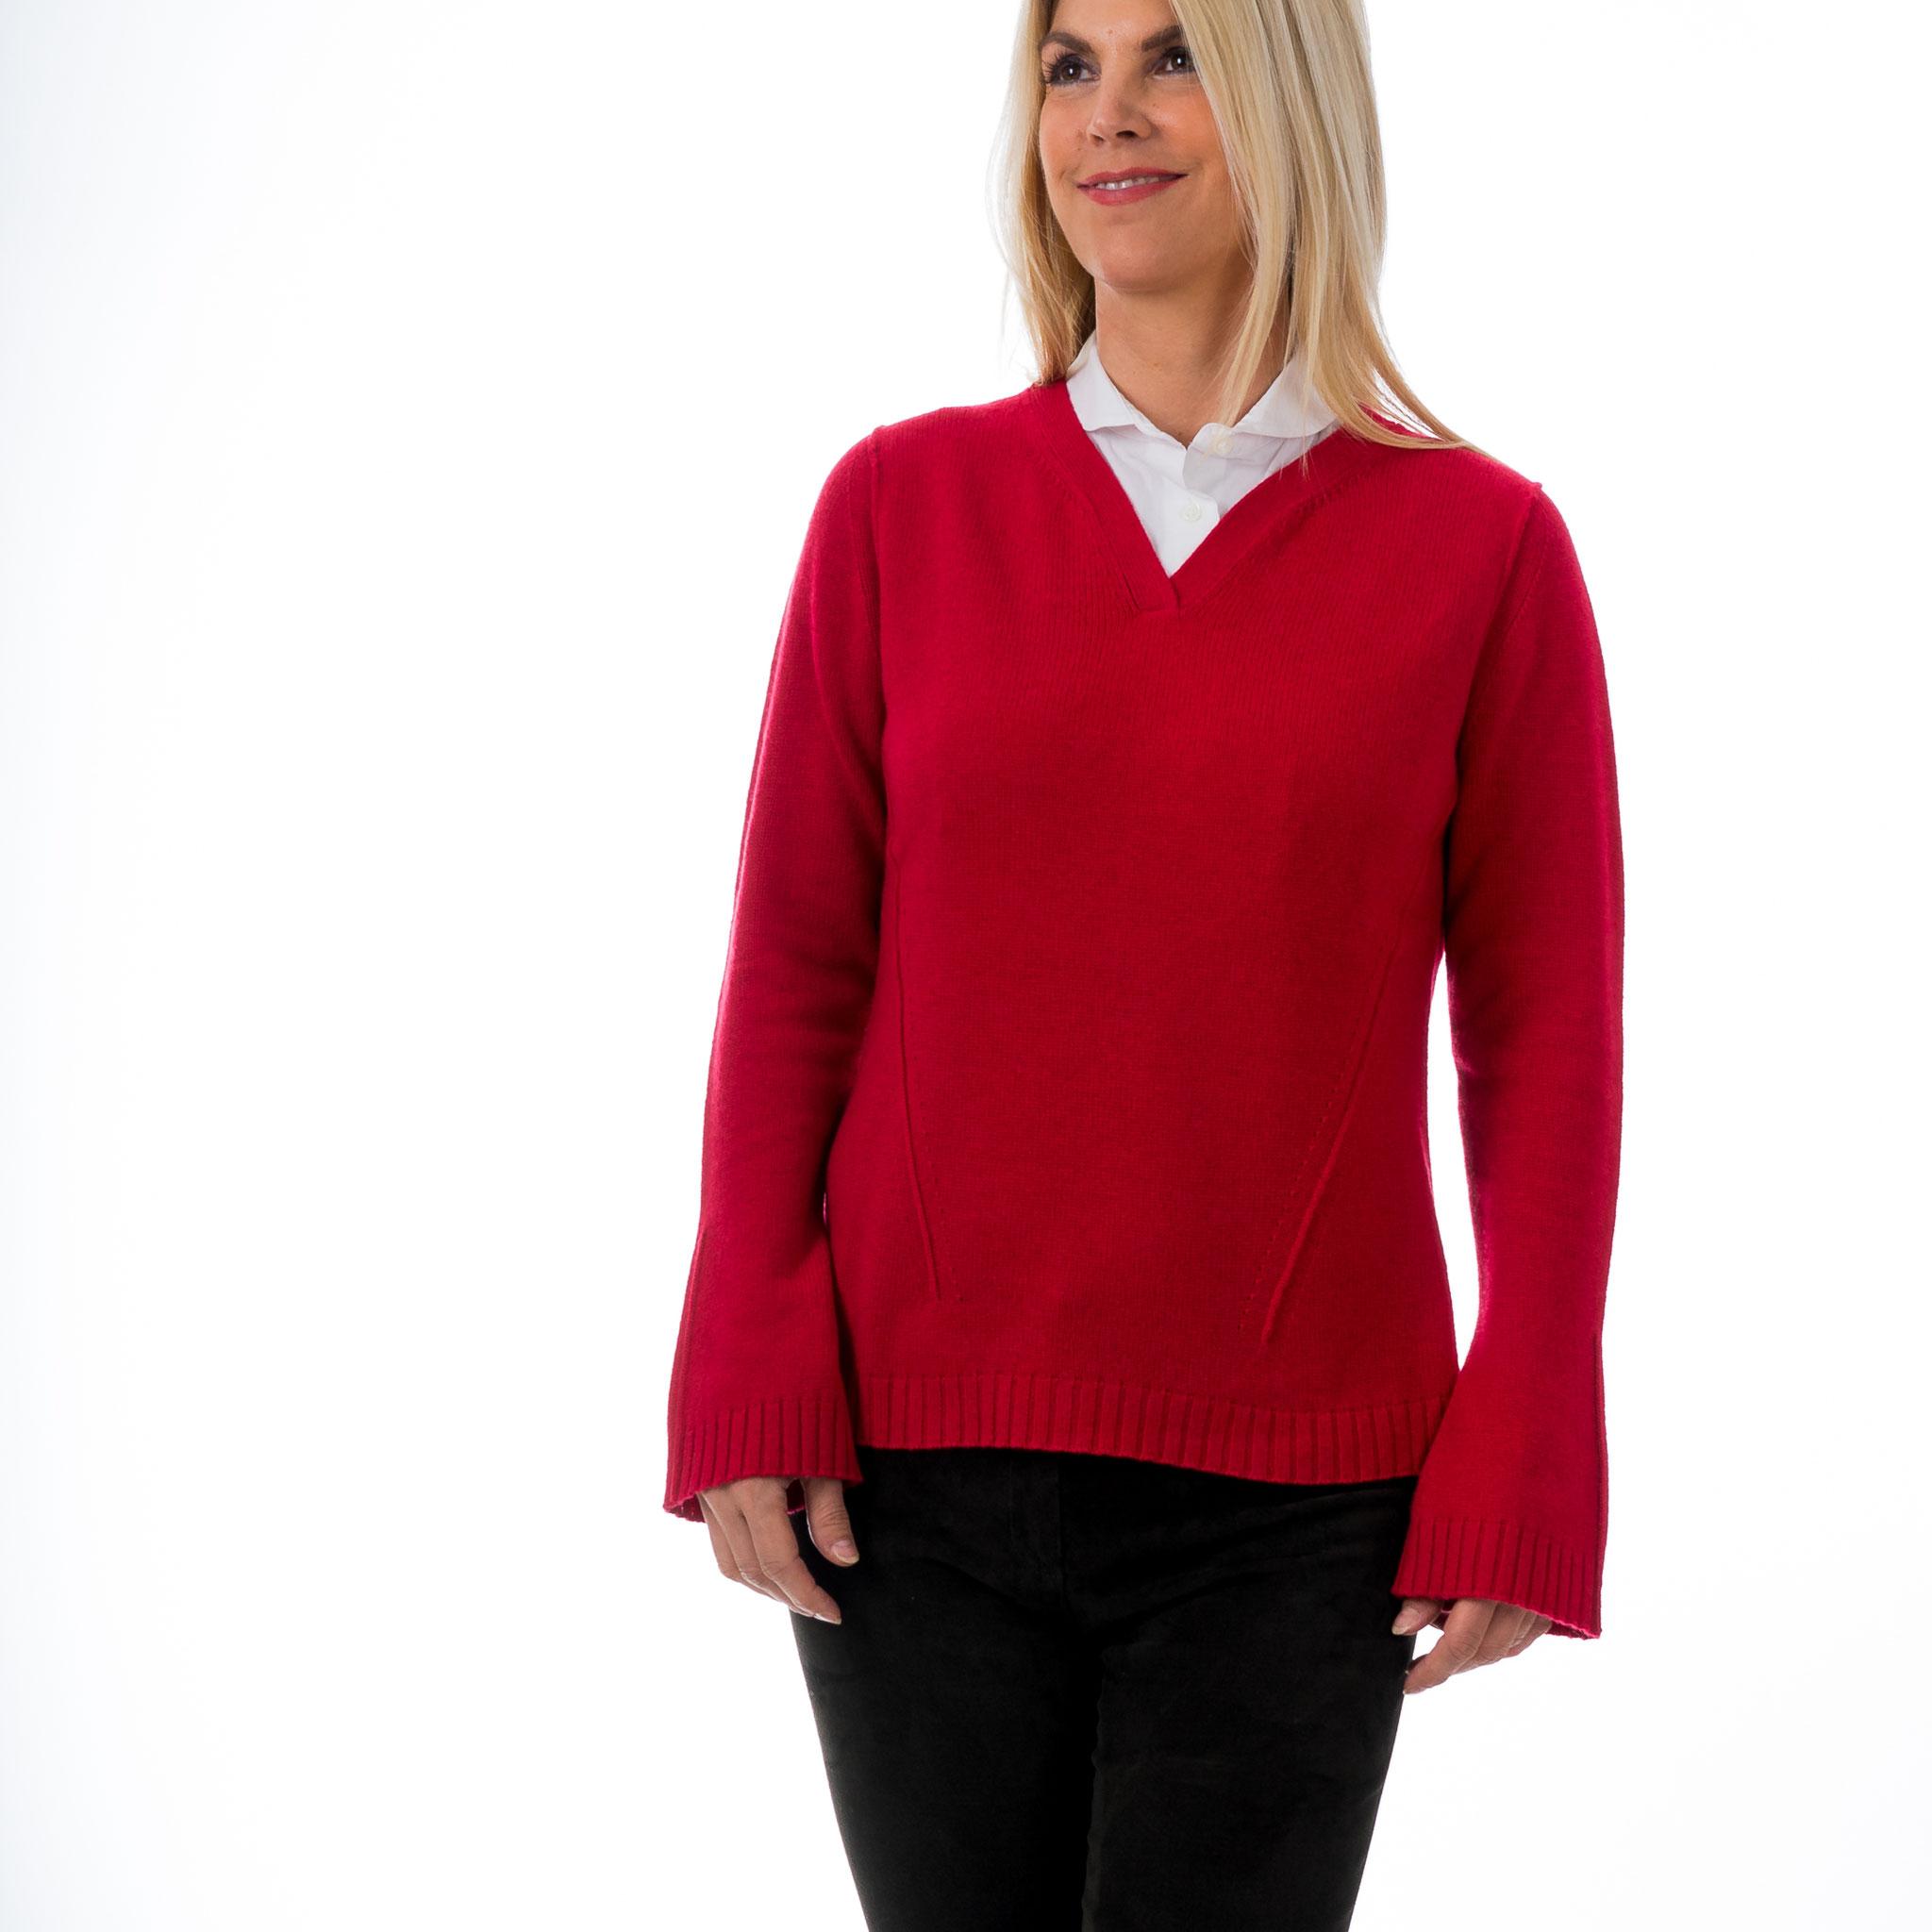 Cashmere Pulli rot von Nice , Arme leicht ausgestellt, V-Ausschnitt , sehr schön mit Bluse zu kombinieren